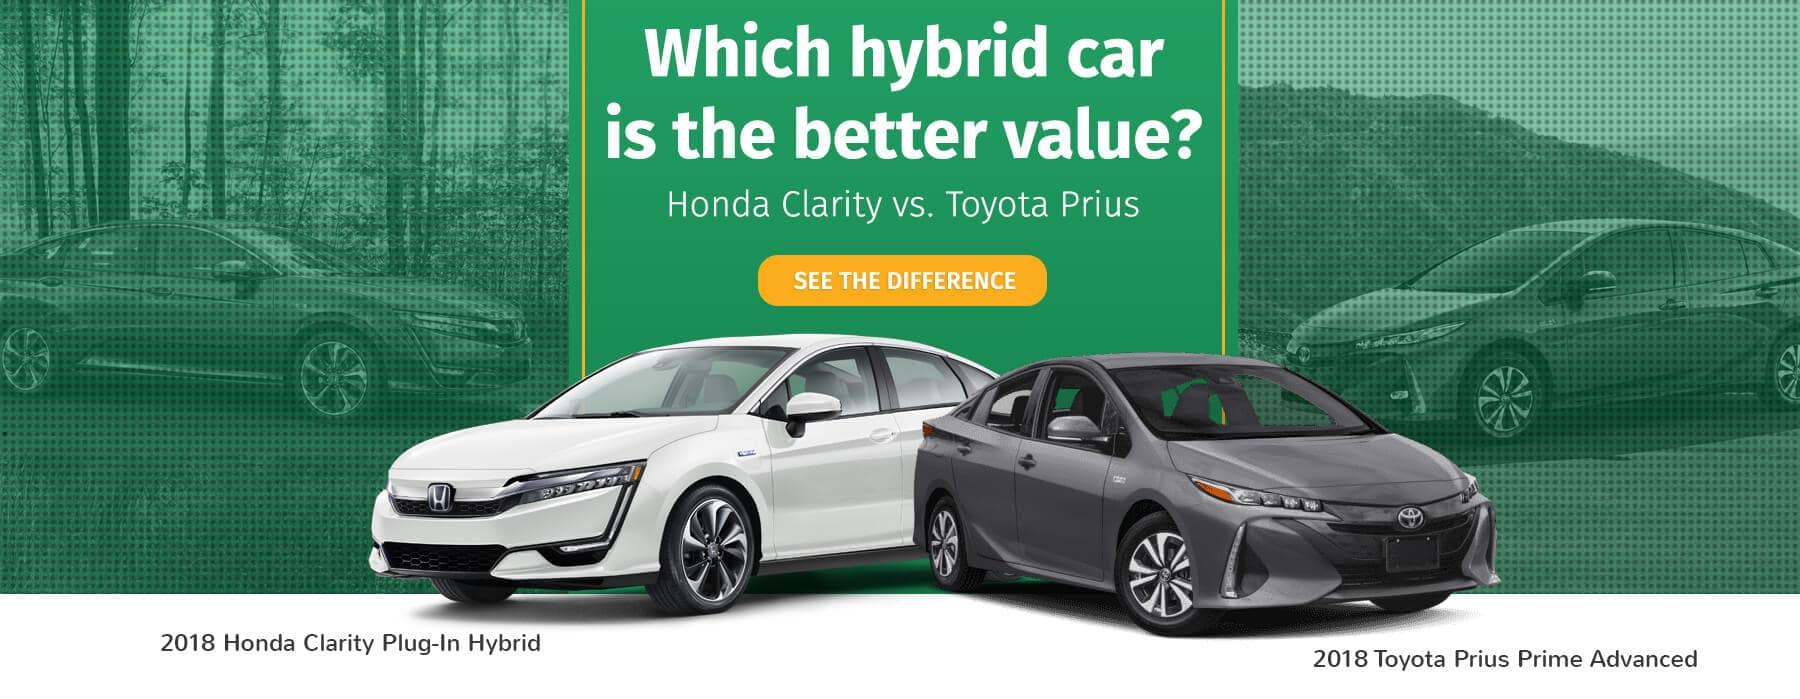 Honda Clarity Versus Toyota Prius Banner